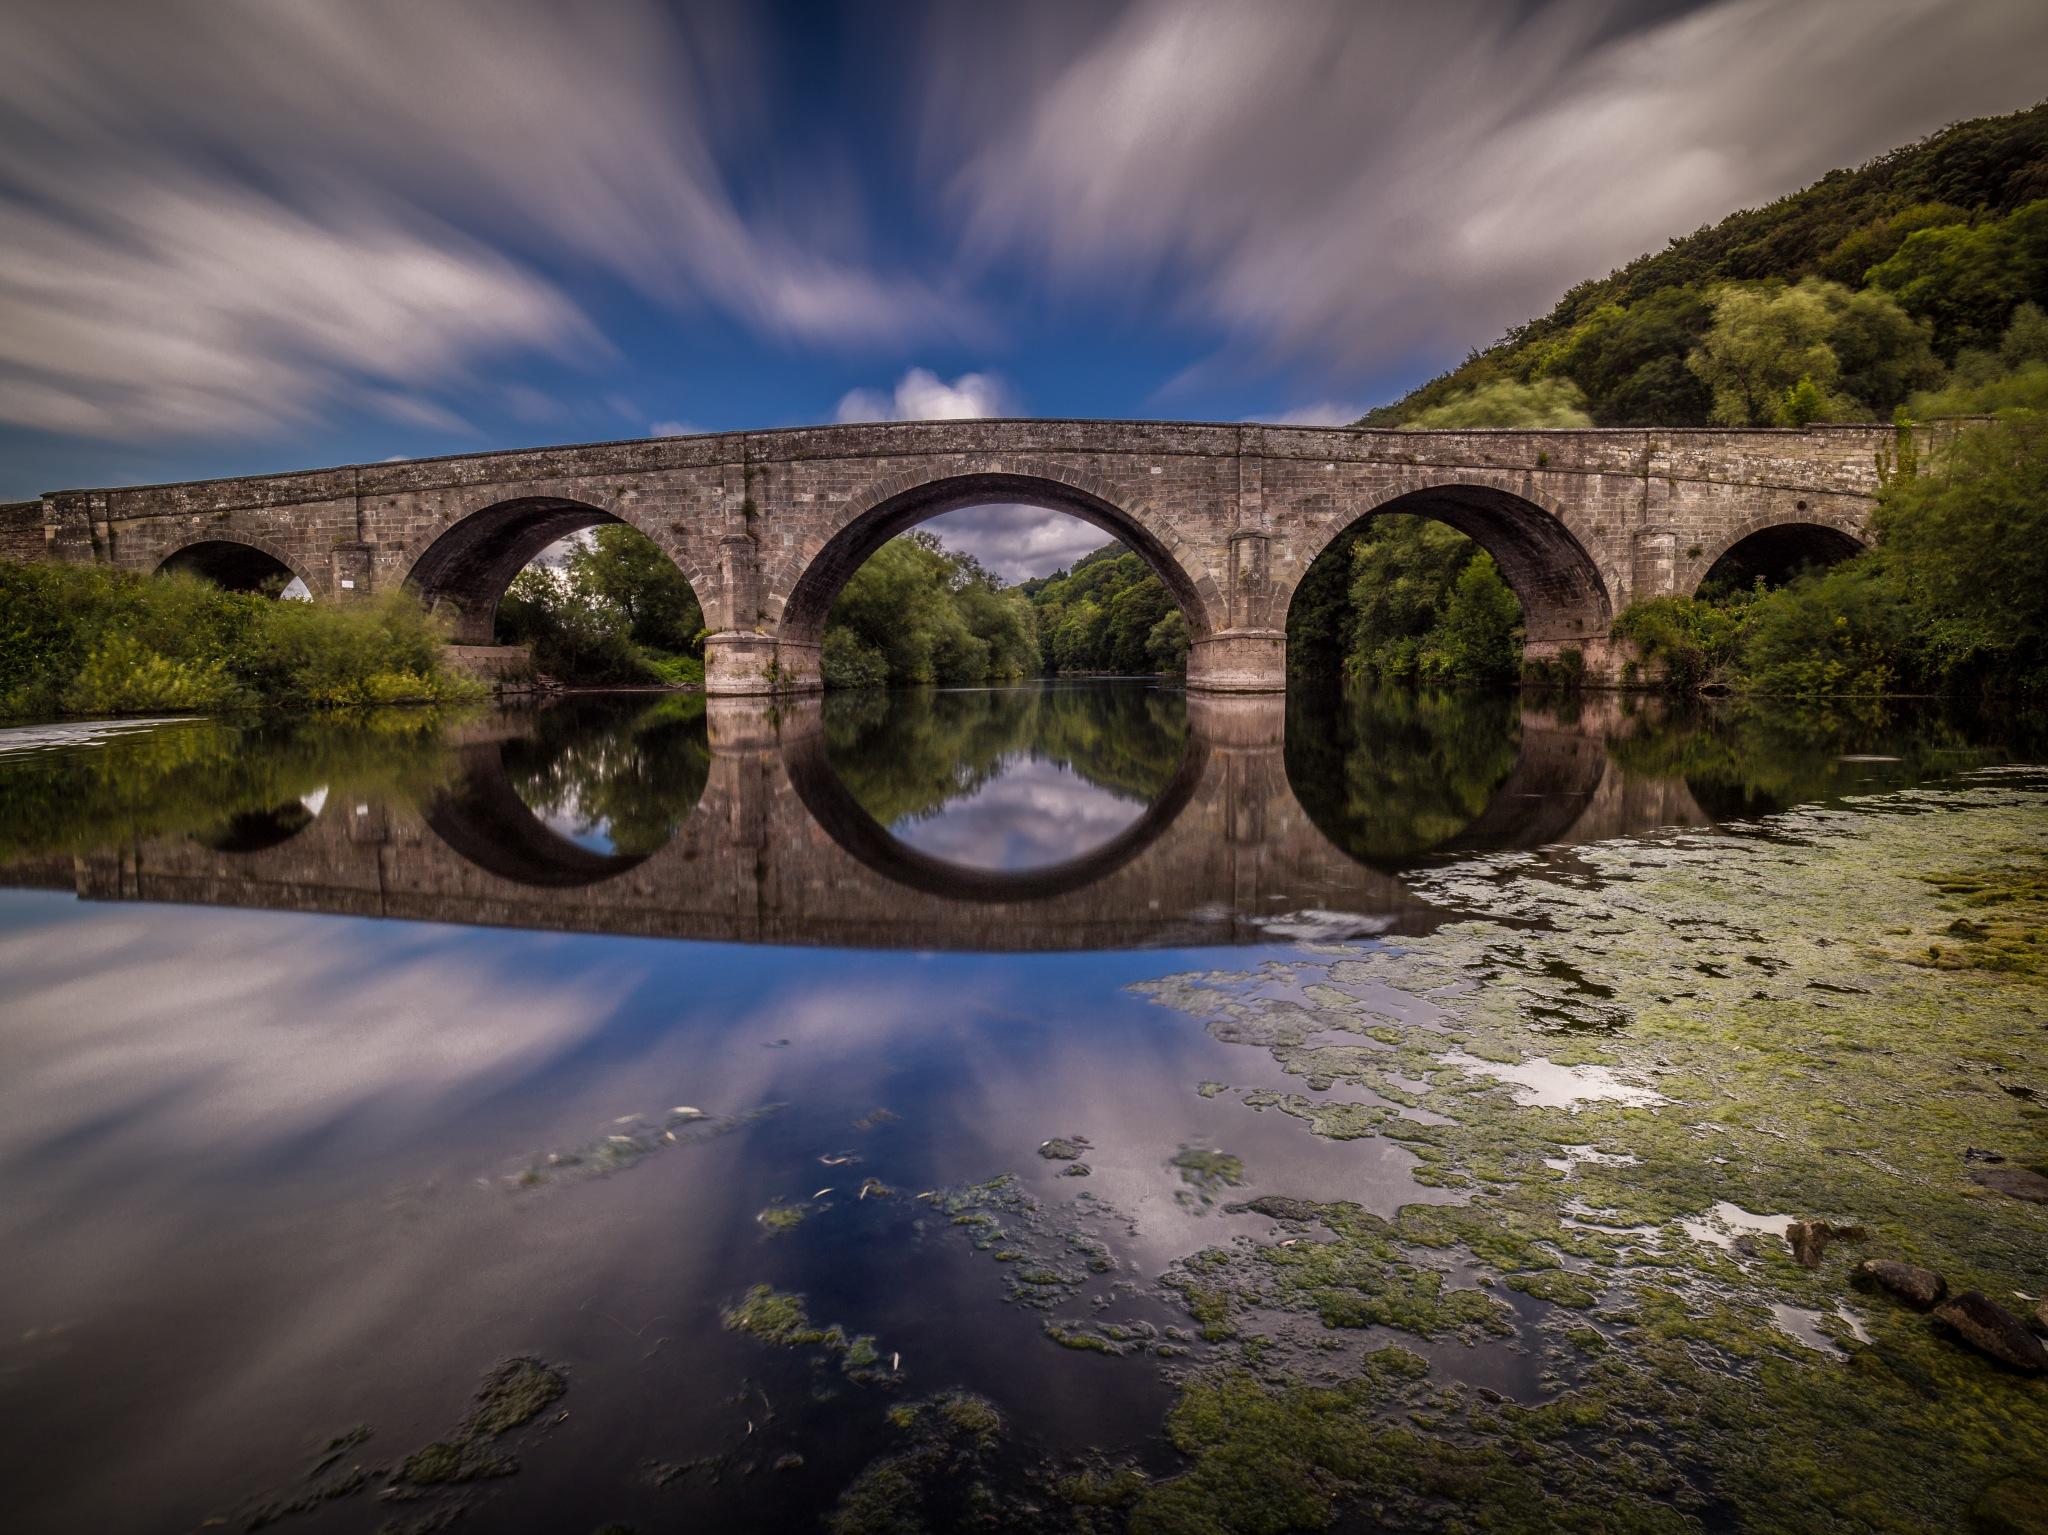 Kerne Bridge by SwissTony